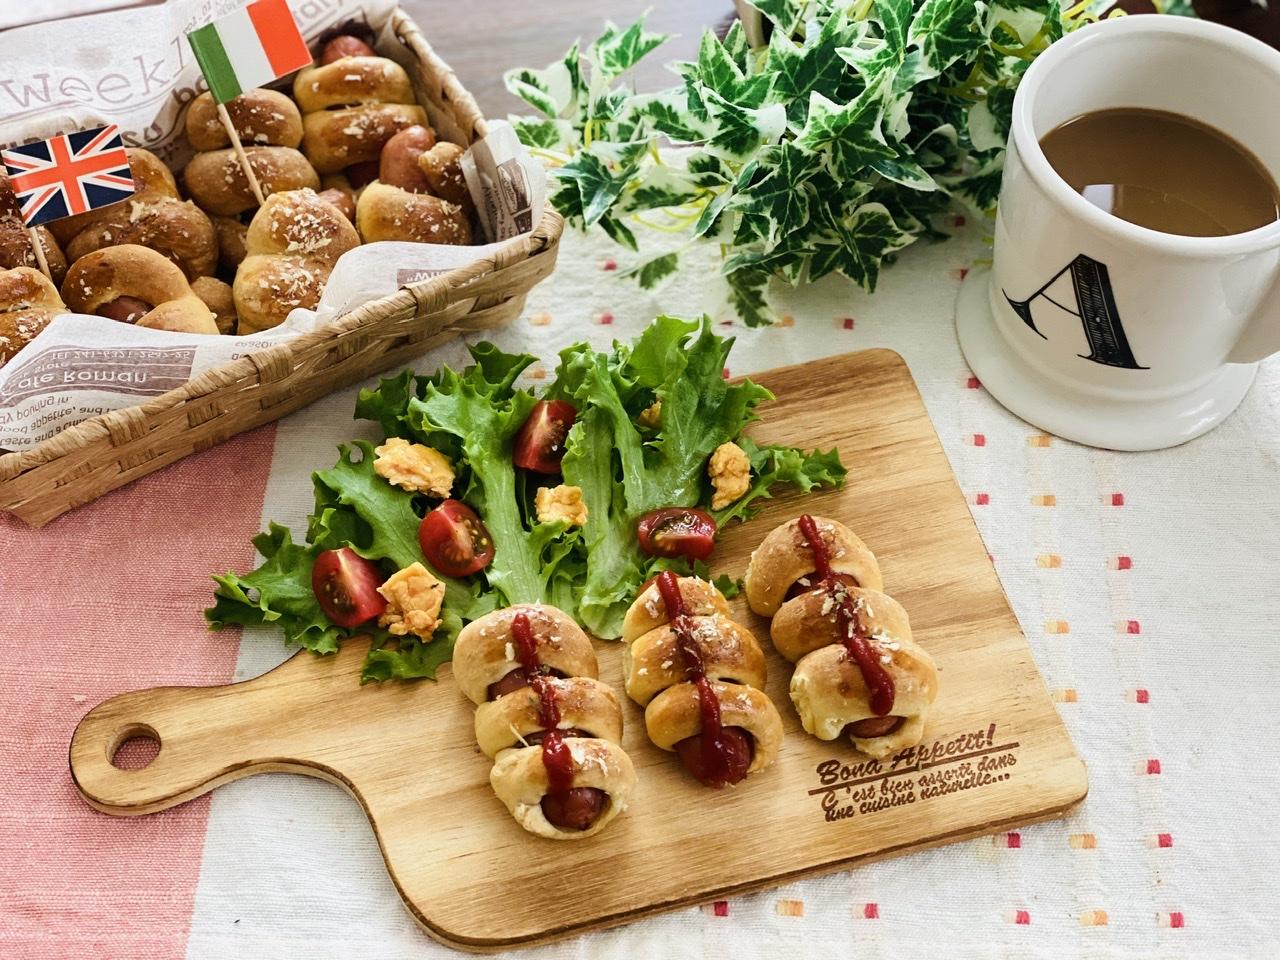 【おうちカフェ】超簡単なのに絶品★ホットケーキミックスでつくる人気レシピを実践♡-ウインナーロール-_6